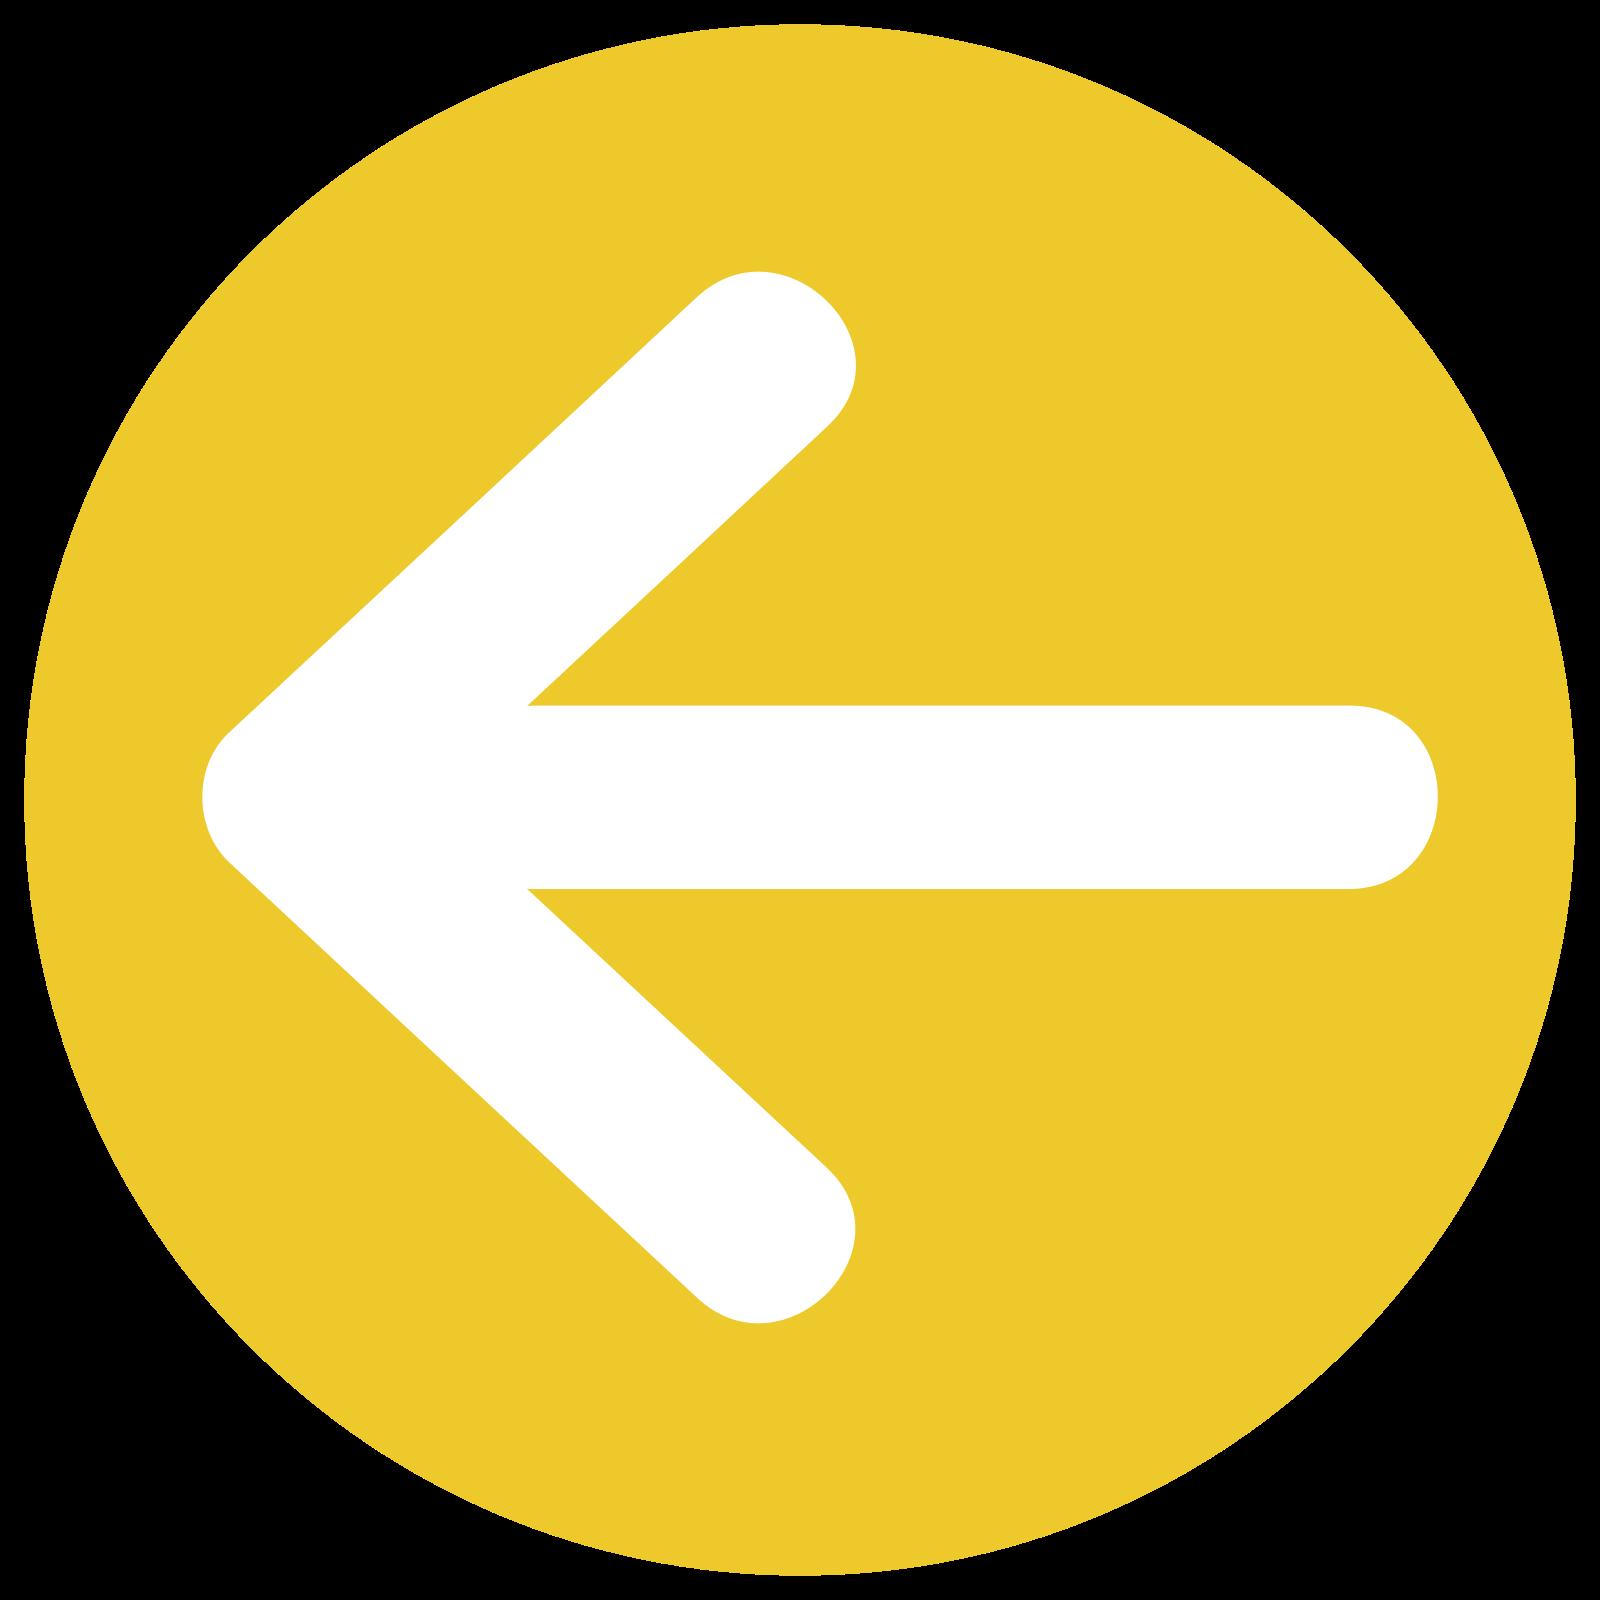 宽左箭头 icon